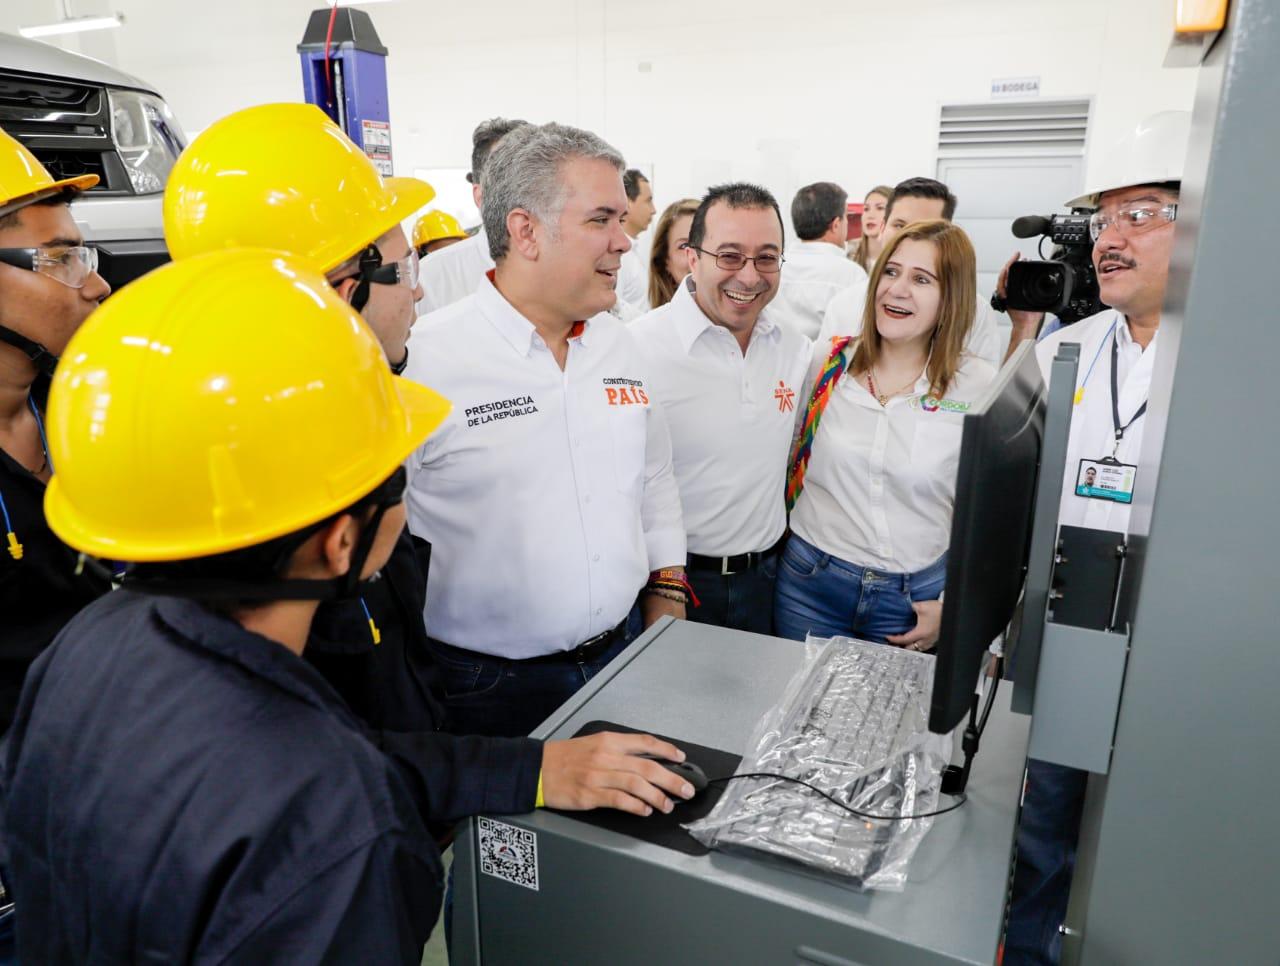 El presidente Duque observa la operación de uno de los equipos del nuevo Sena en Montelíbano.